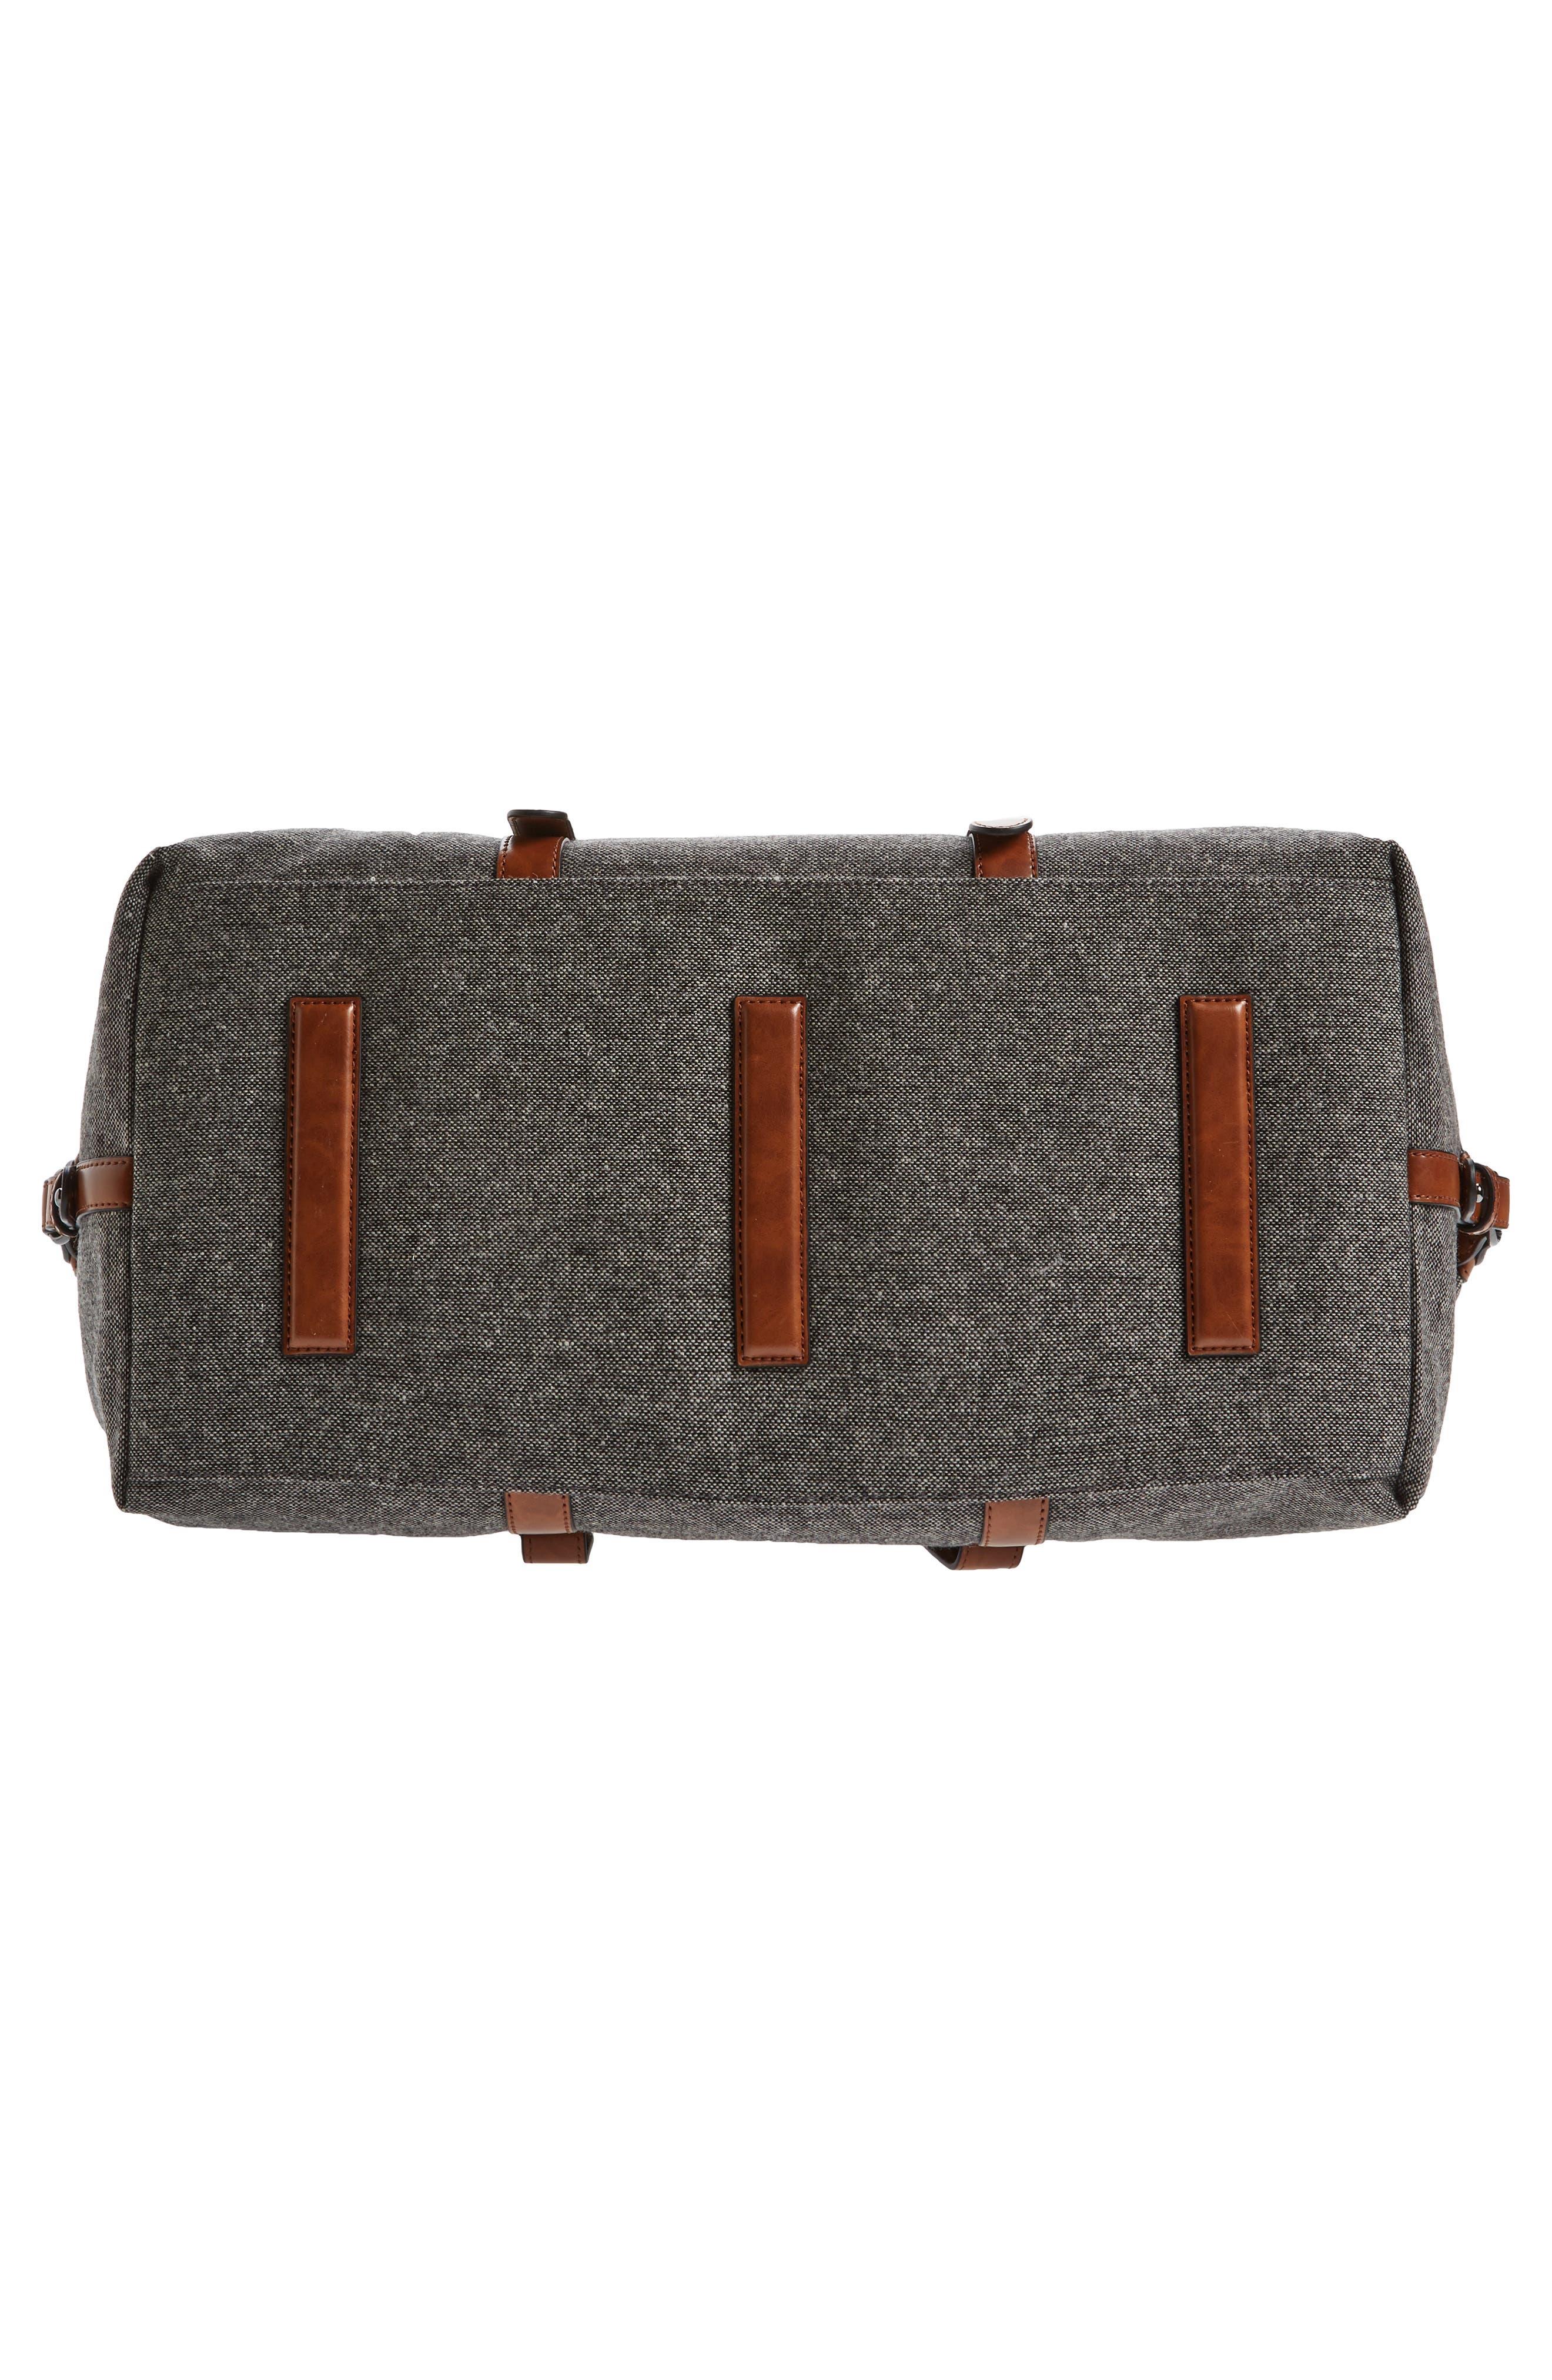 Tailor Wool Duffel Bag,                             Alternate thumbnail 6, color,                             Grey